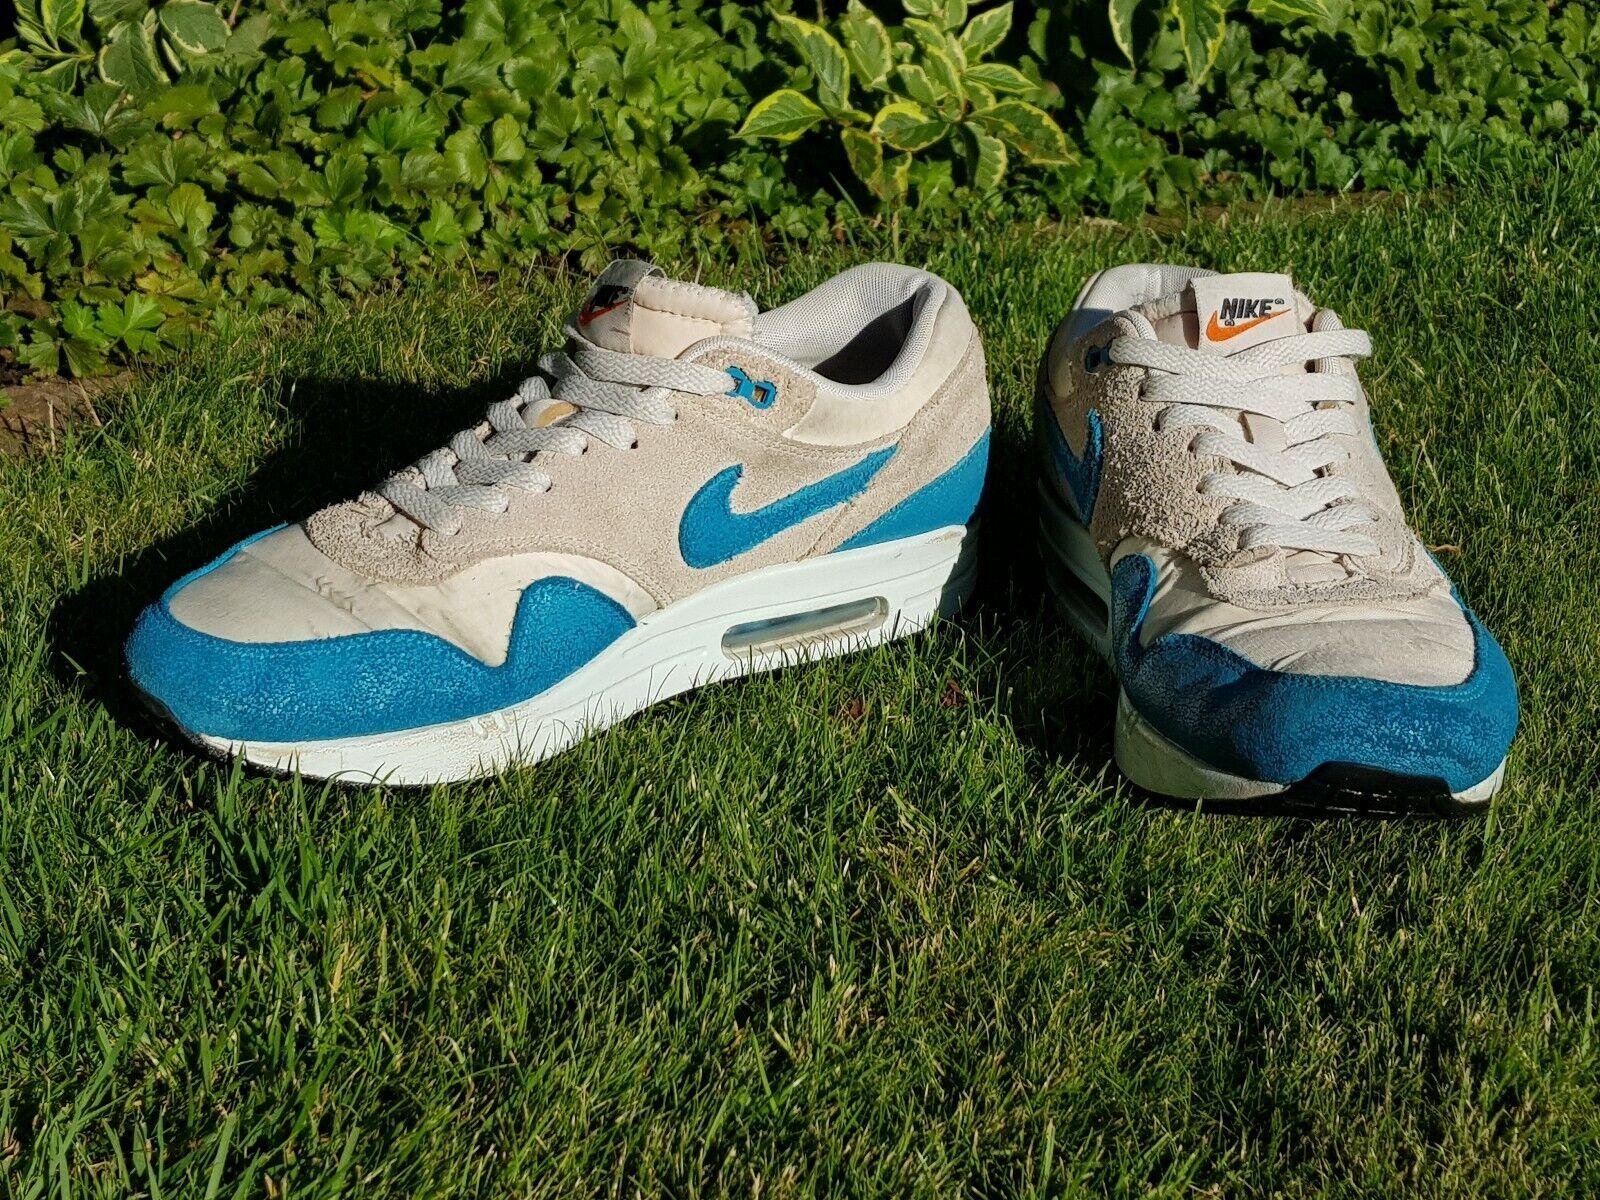 Nike Air Max 1 sehr guter Zustand  Essential Beige Blau 44,5 OVP  Turnschuhe